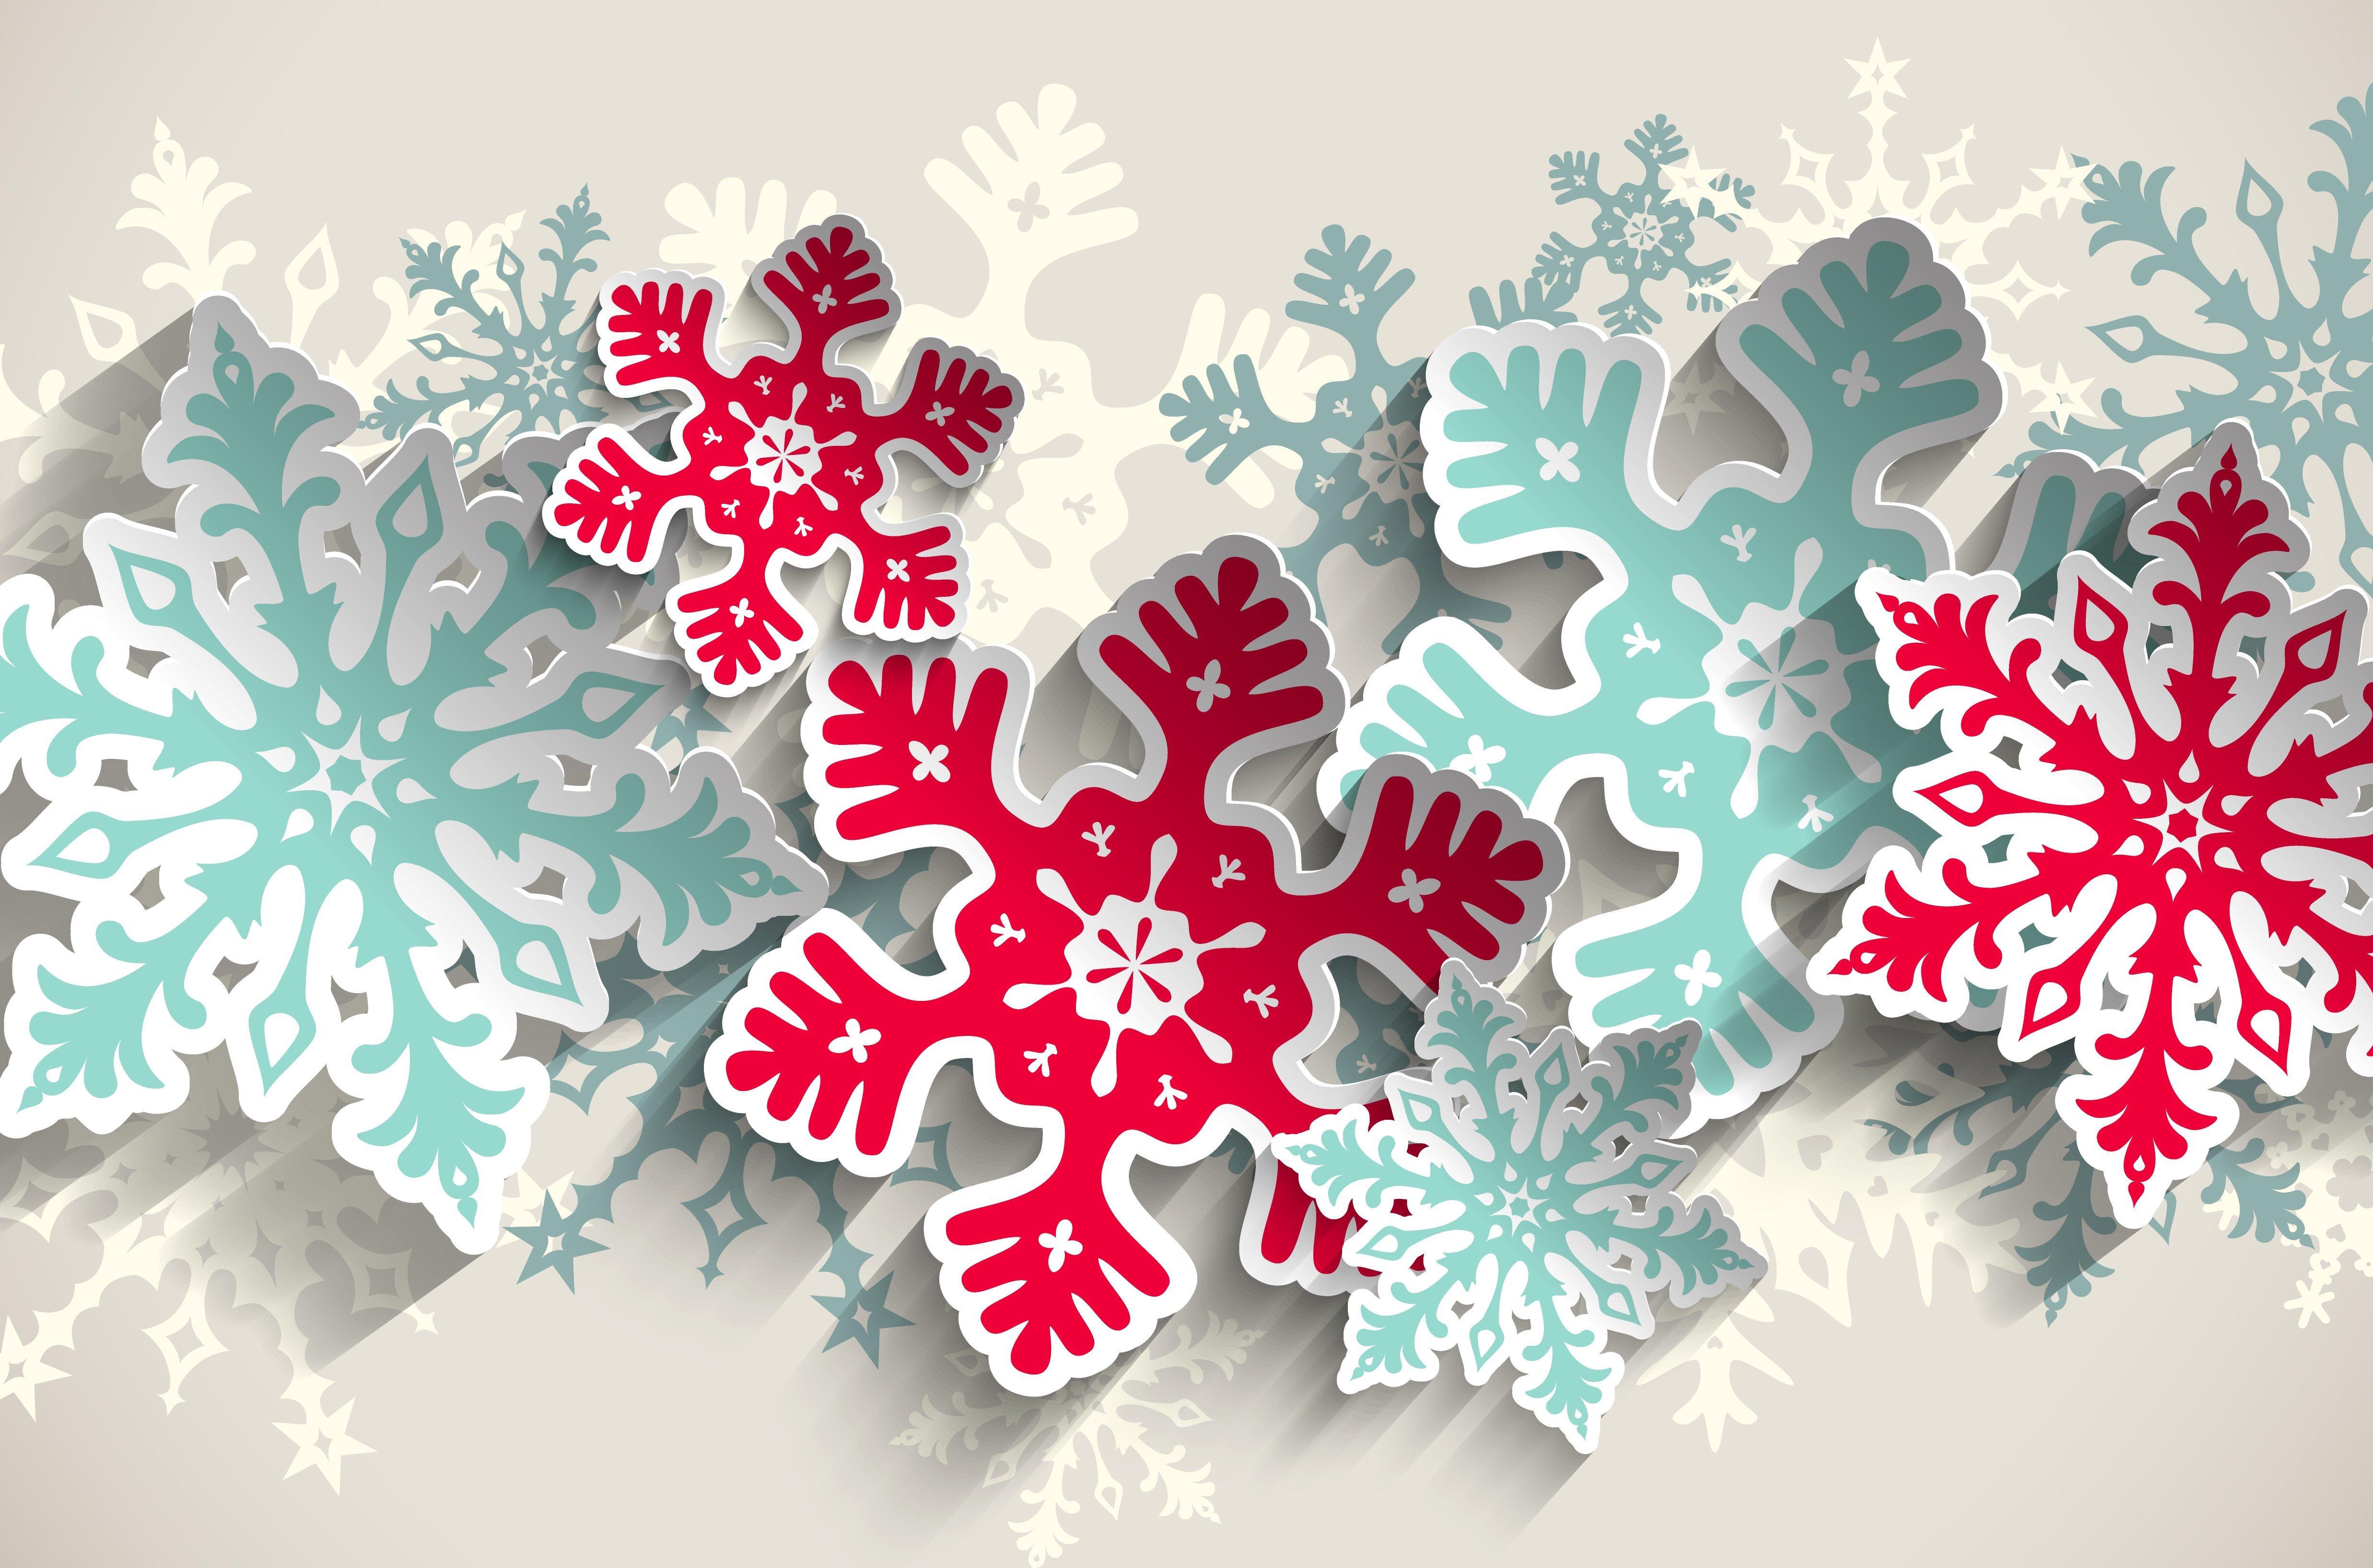 красивые картинки снежинок к новому году заказать